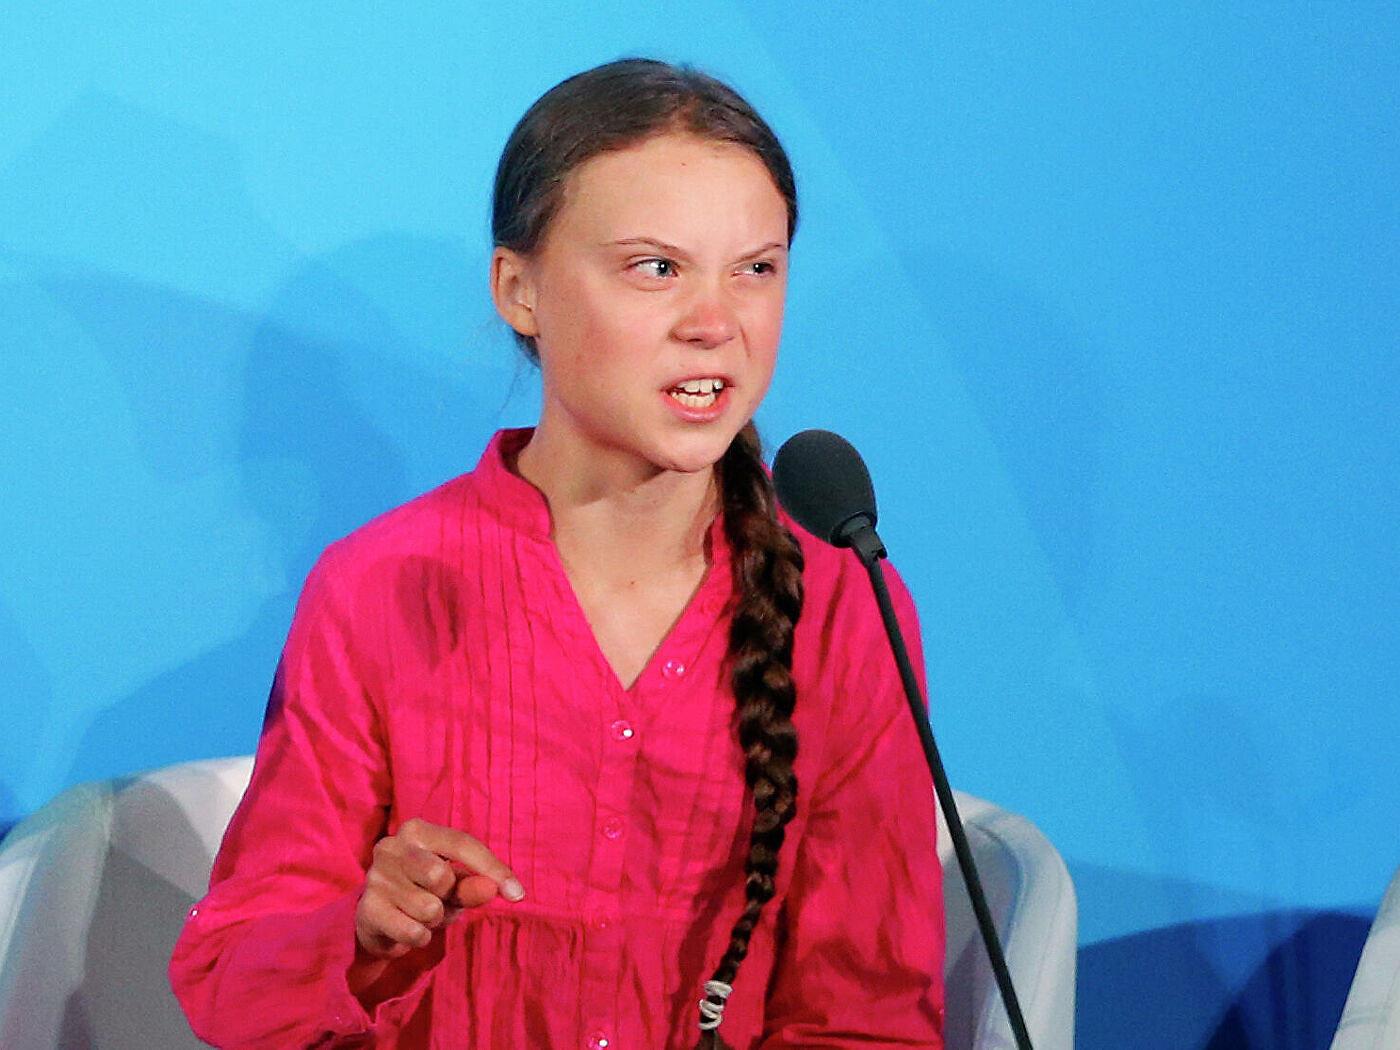 Коммерческий эко-активизм: Грета выросла из детской роли